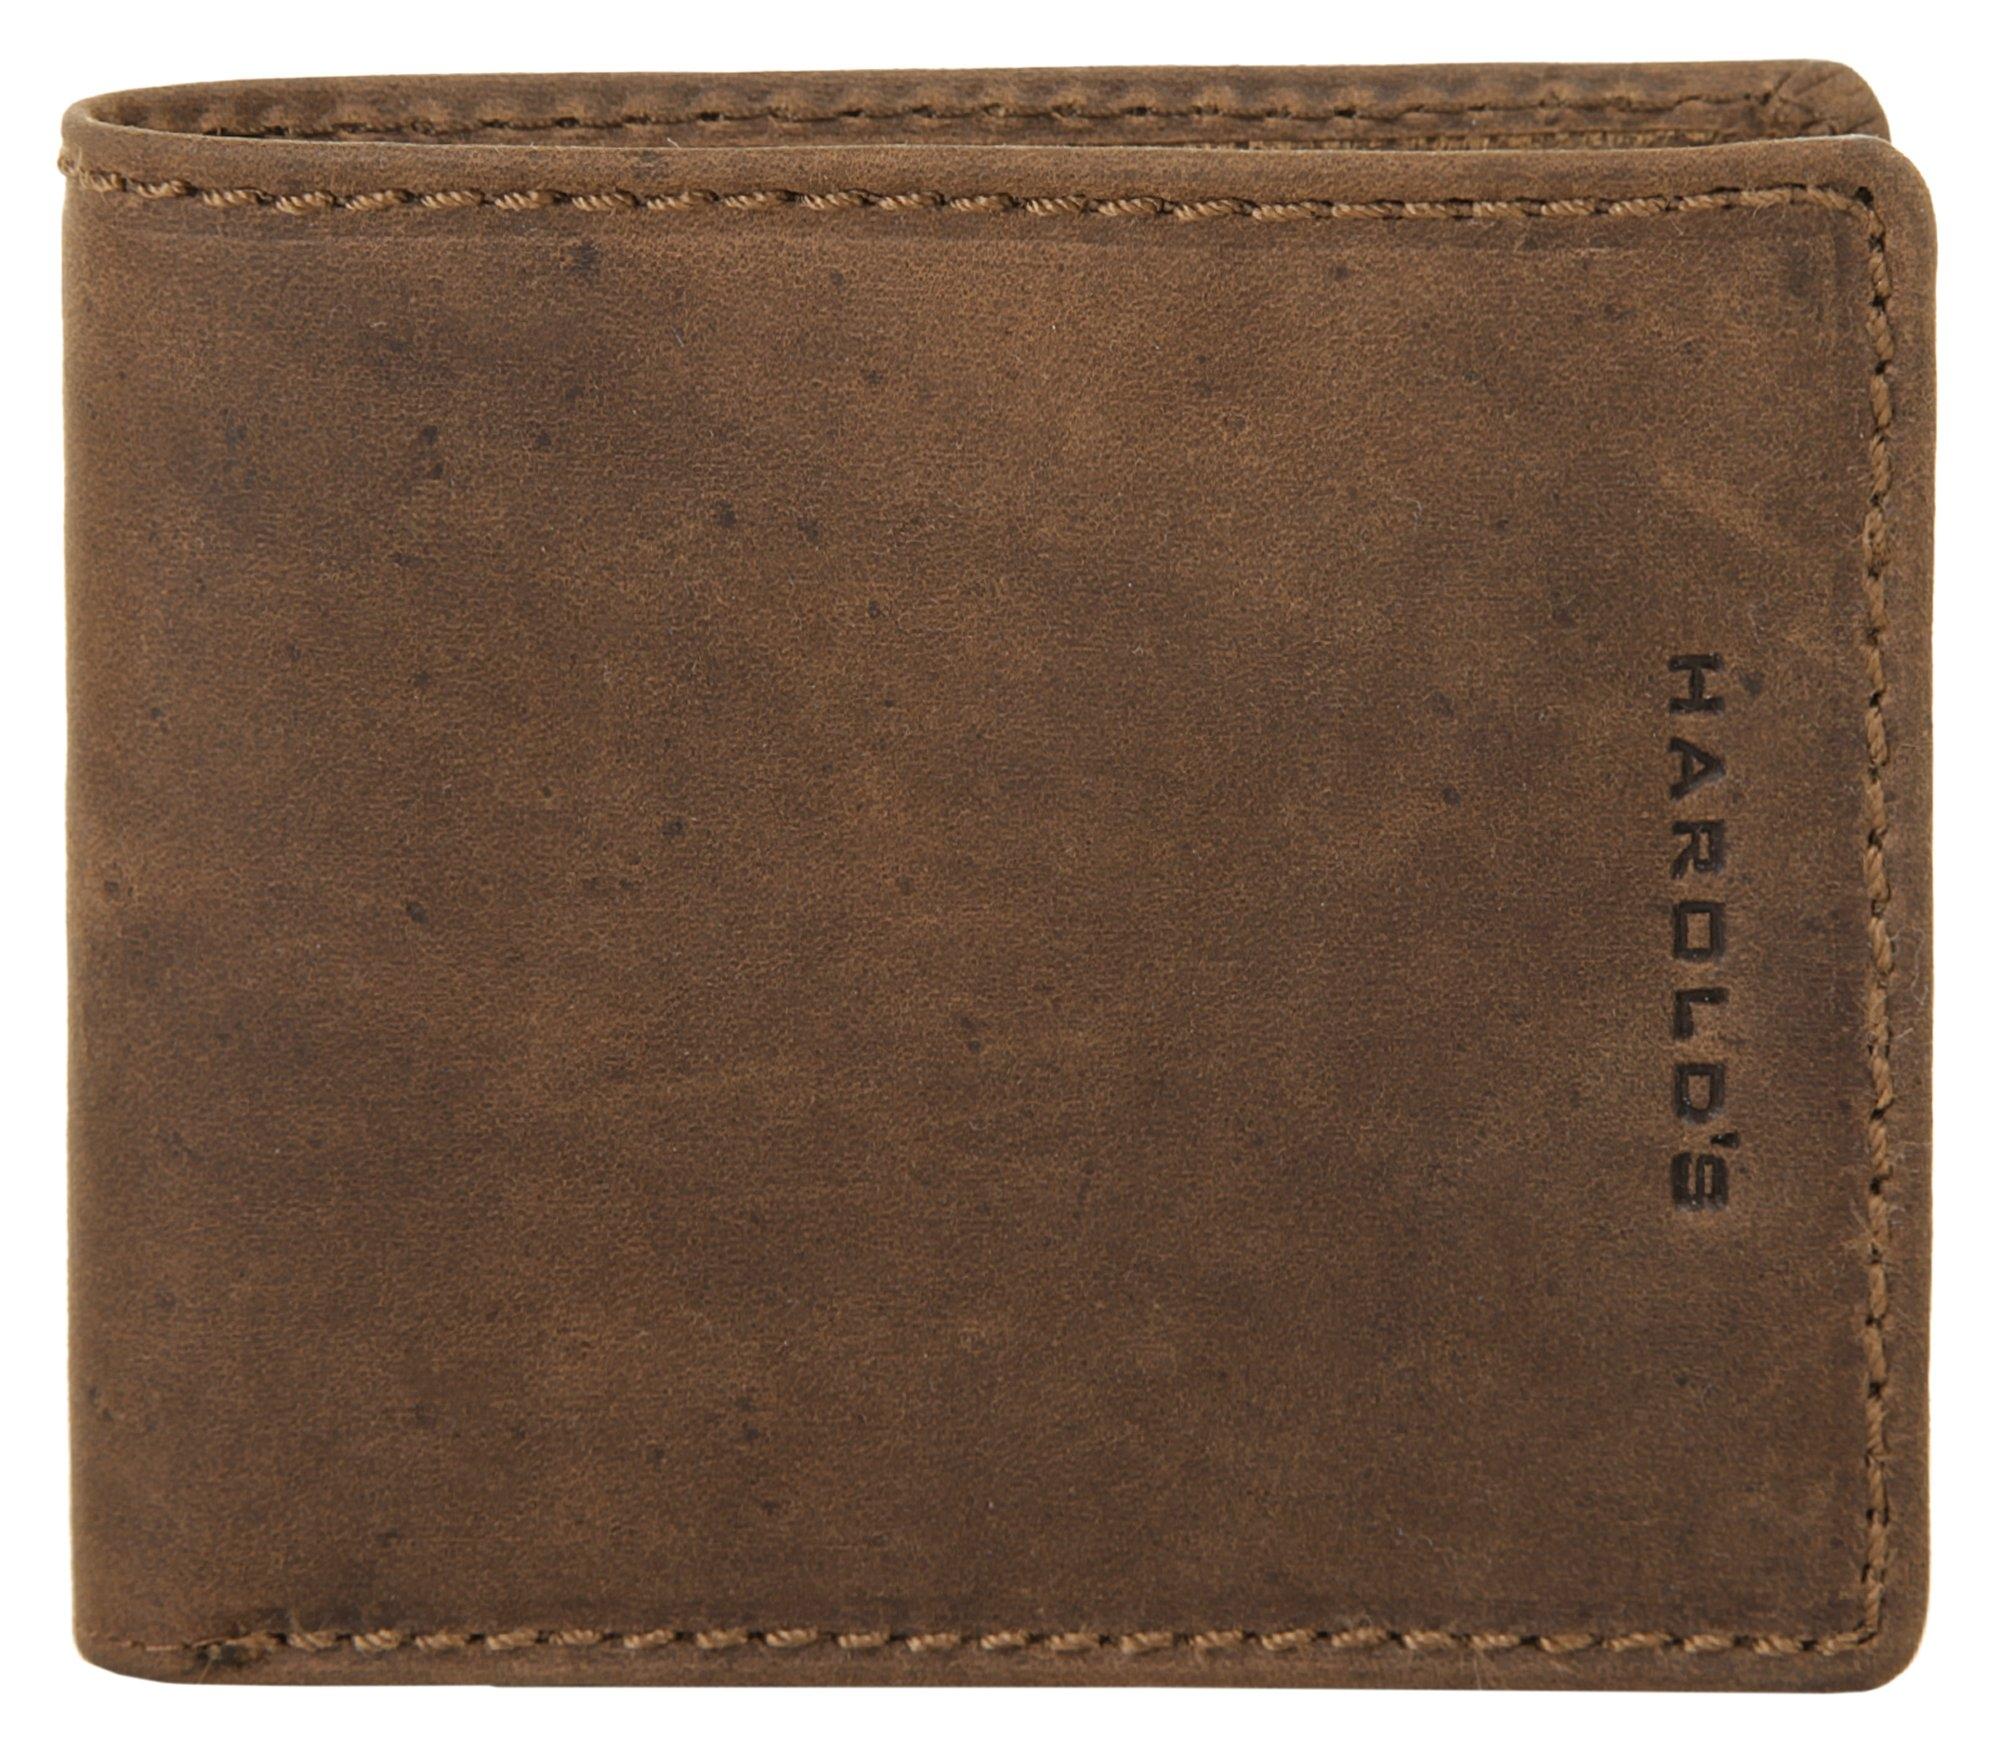 Harold's portemonnee »ANTIC« bestellen: 30 dagen bedenktijd